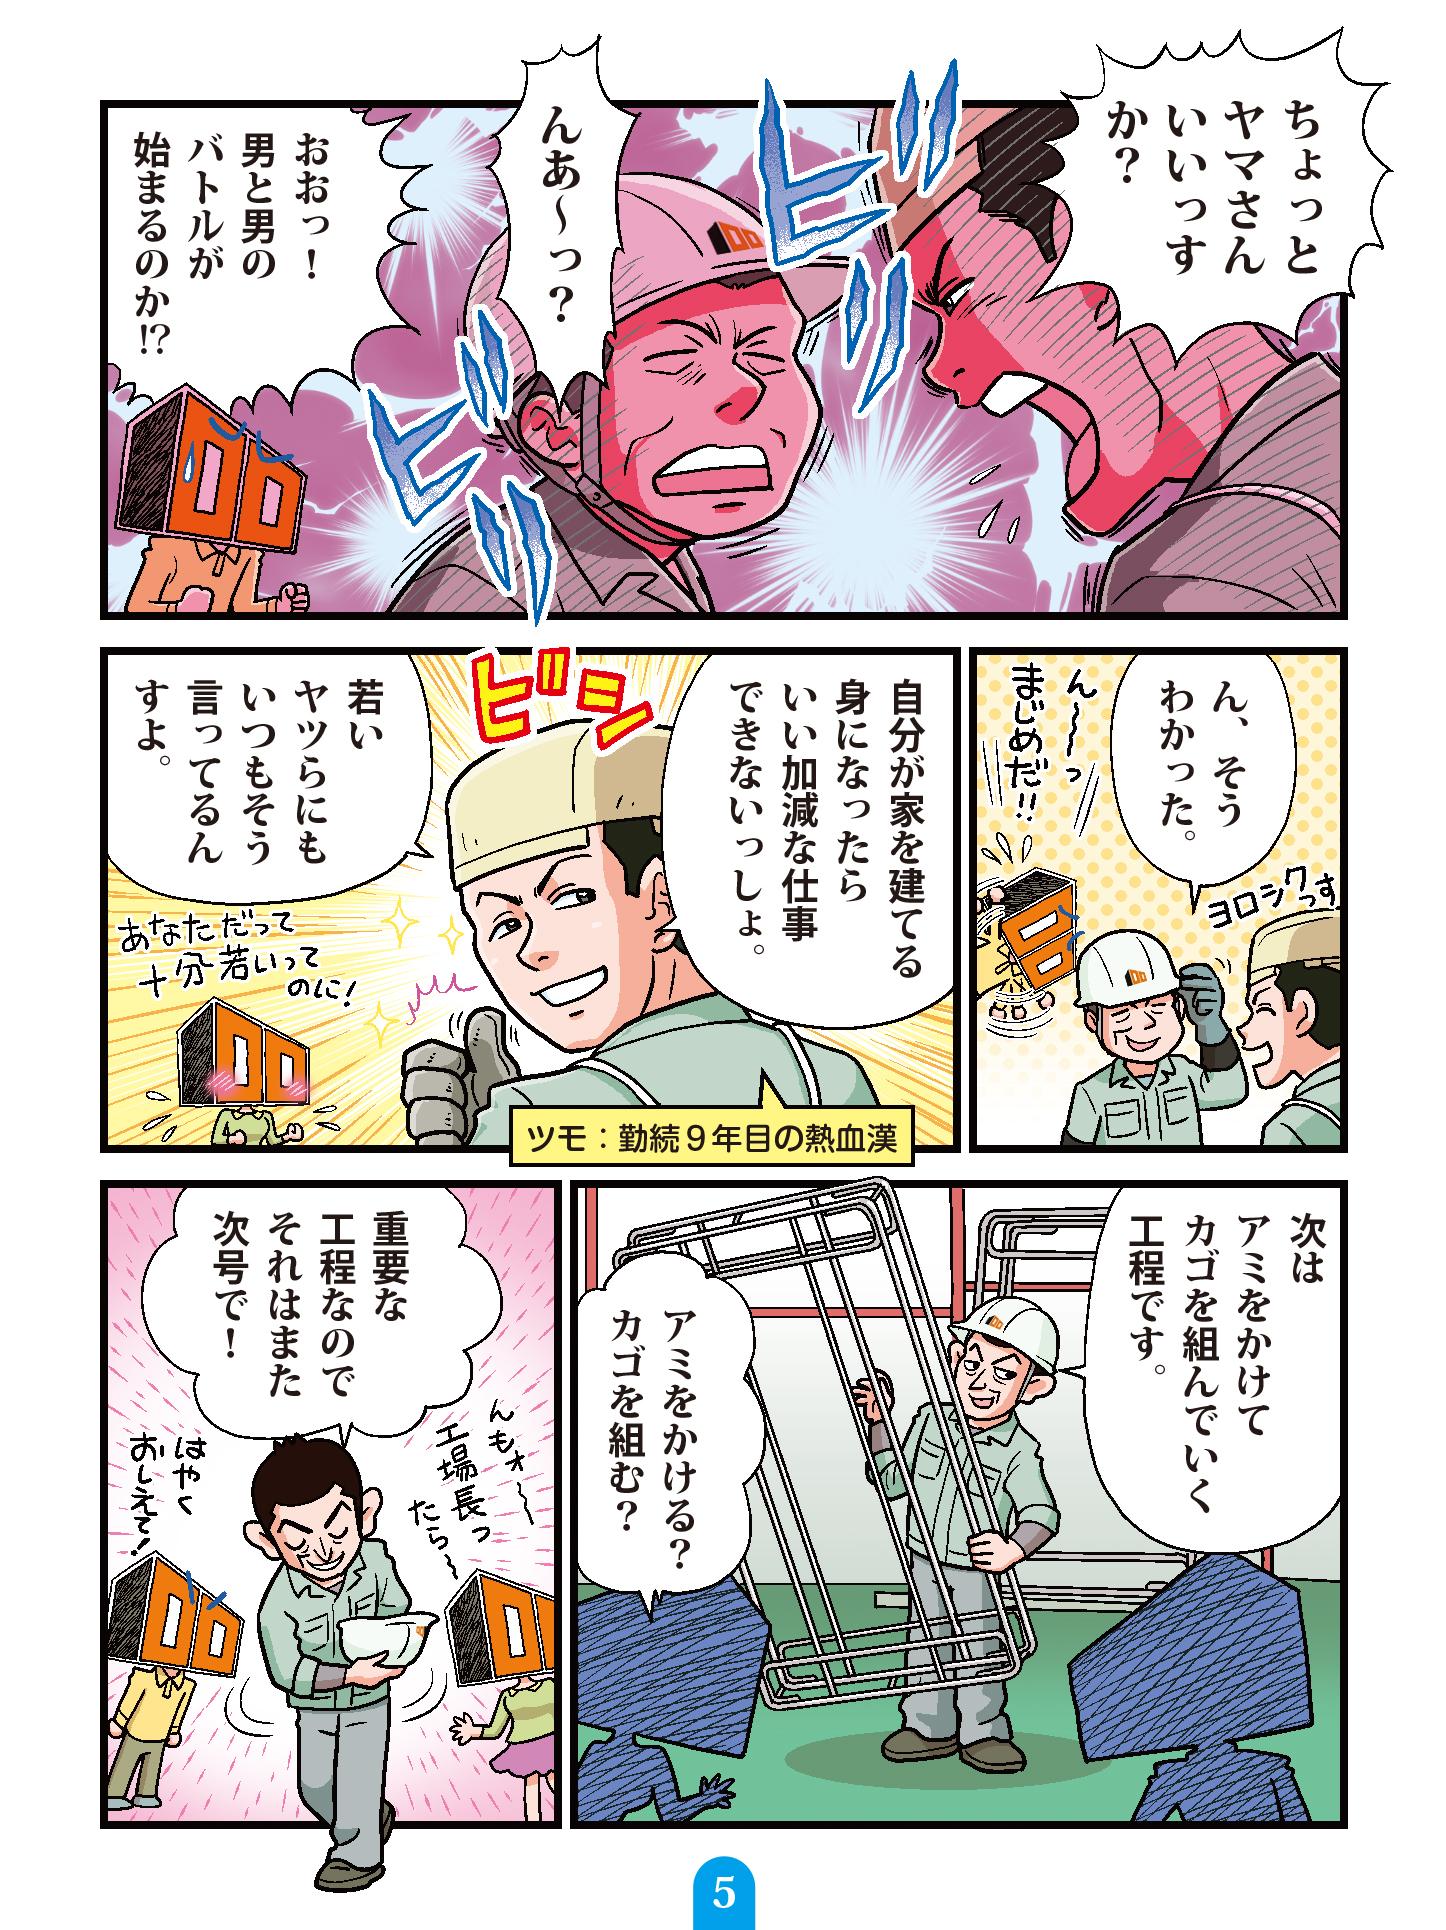 最強職人列伝 第1話 曲げる職人・つなげる職人05